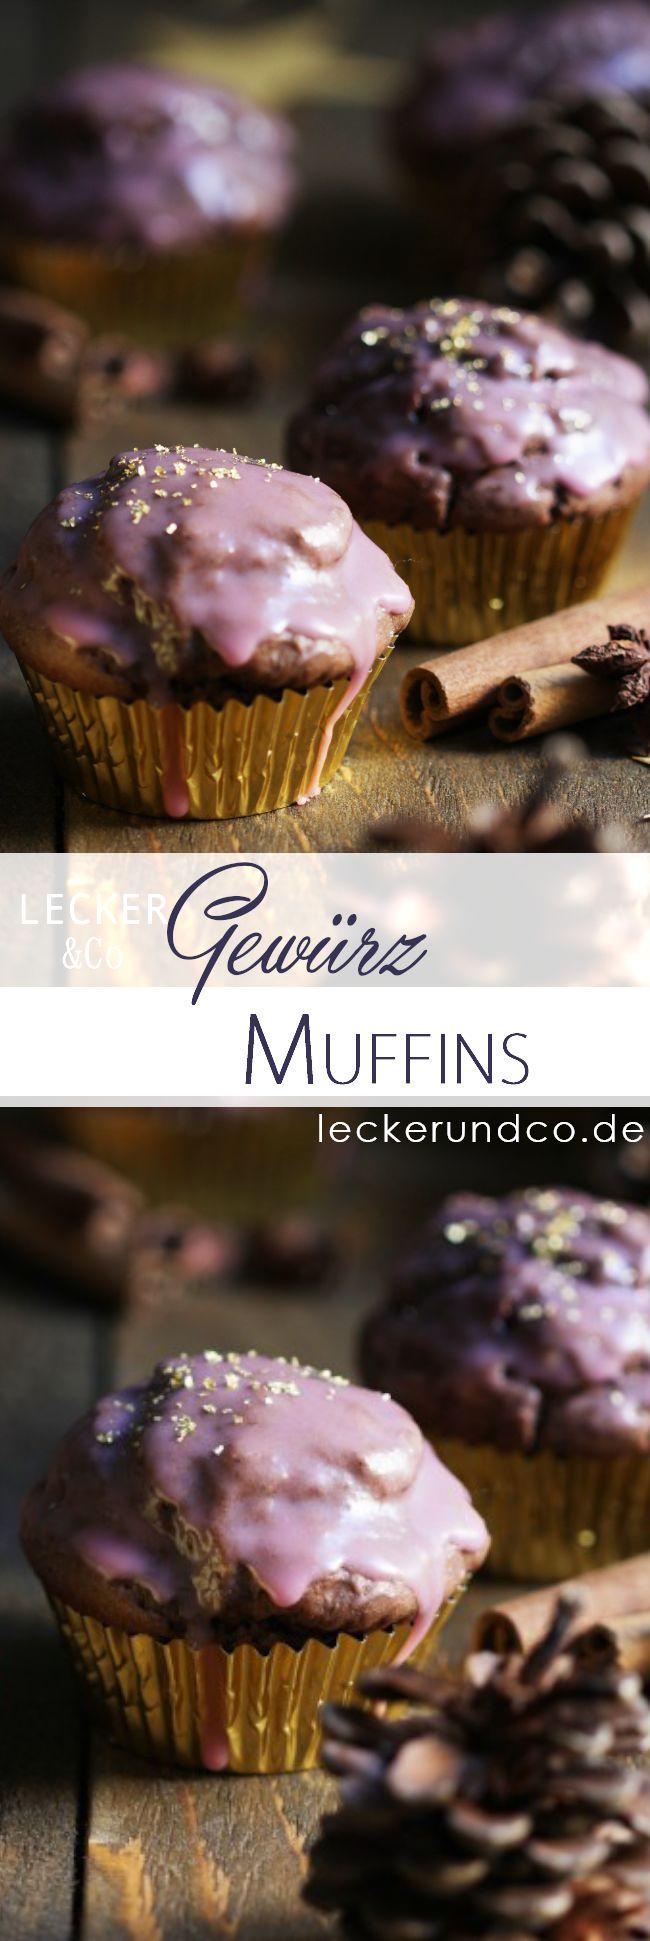 Gewürz Muffins